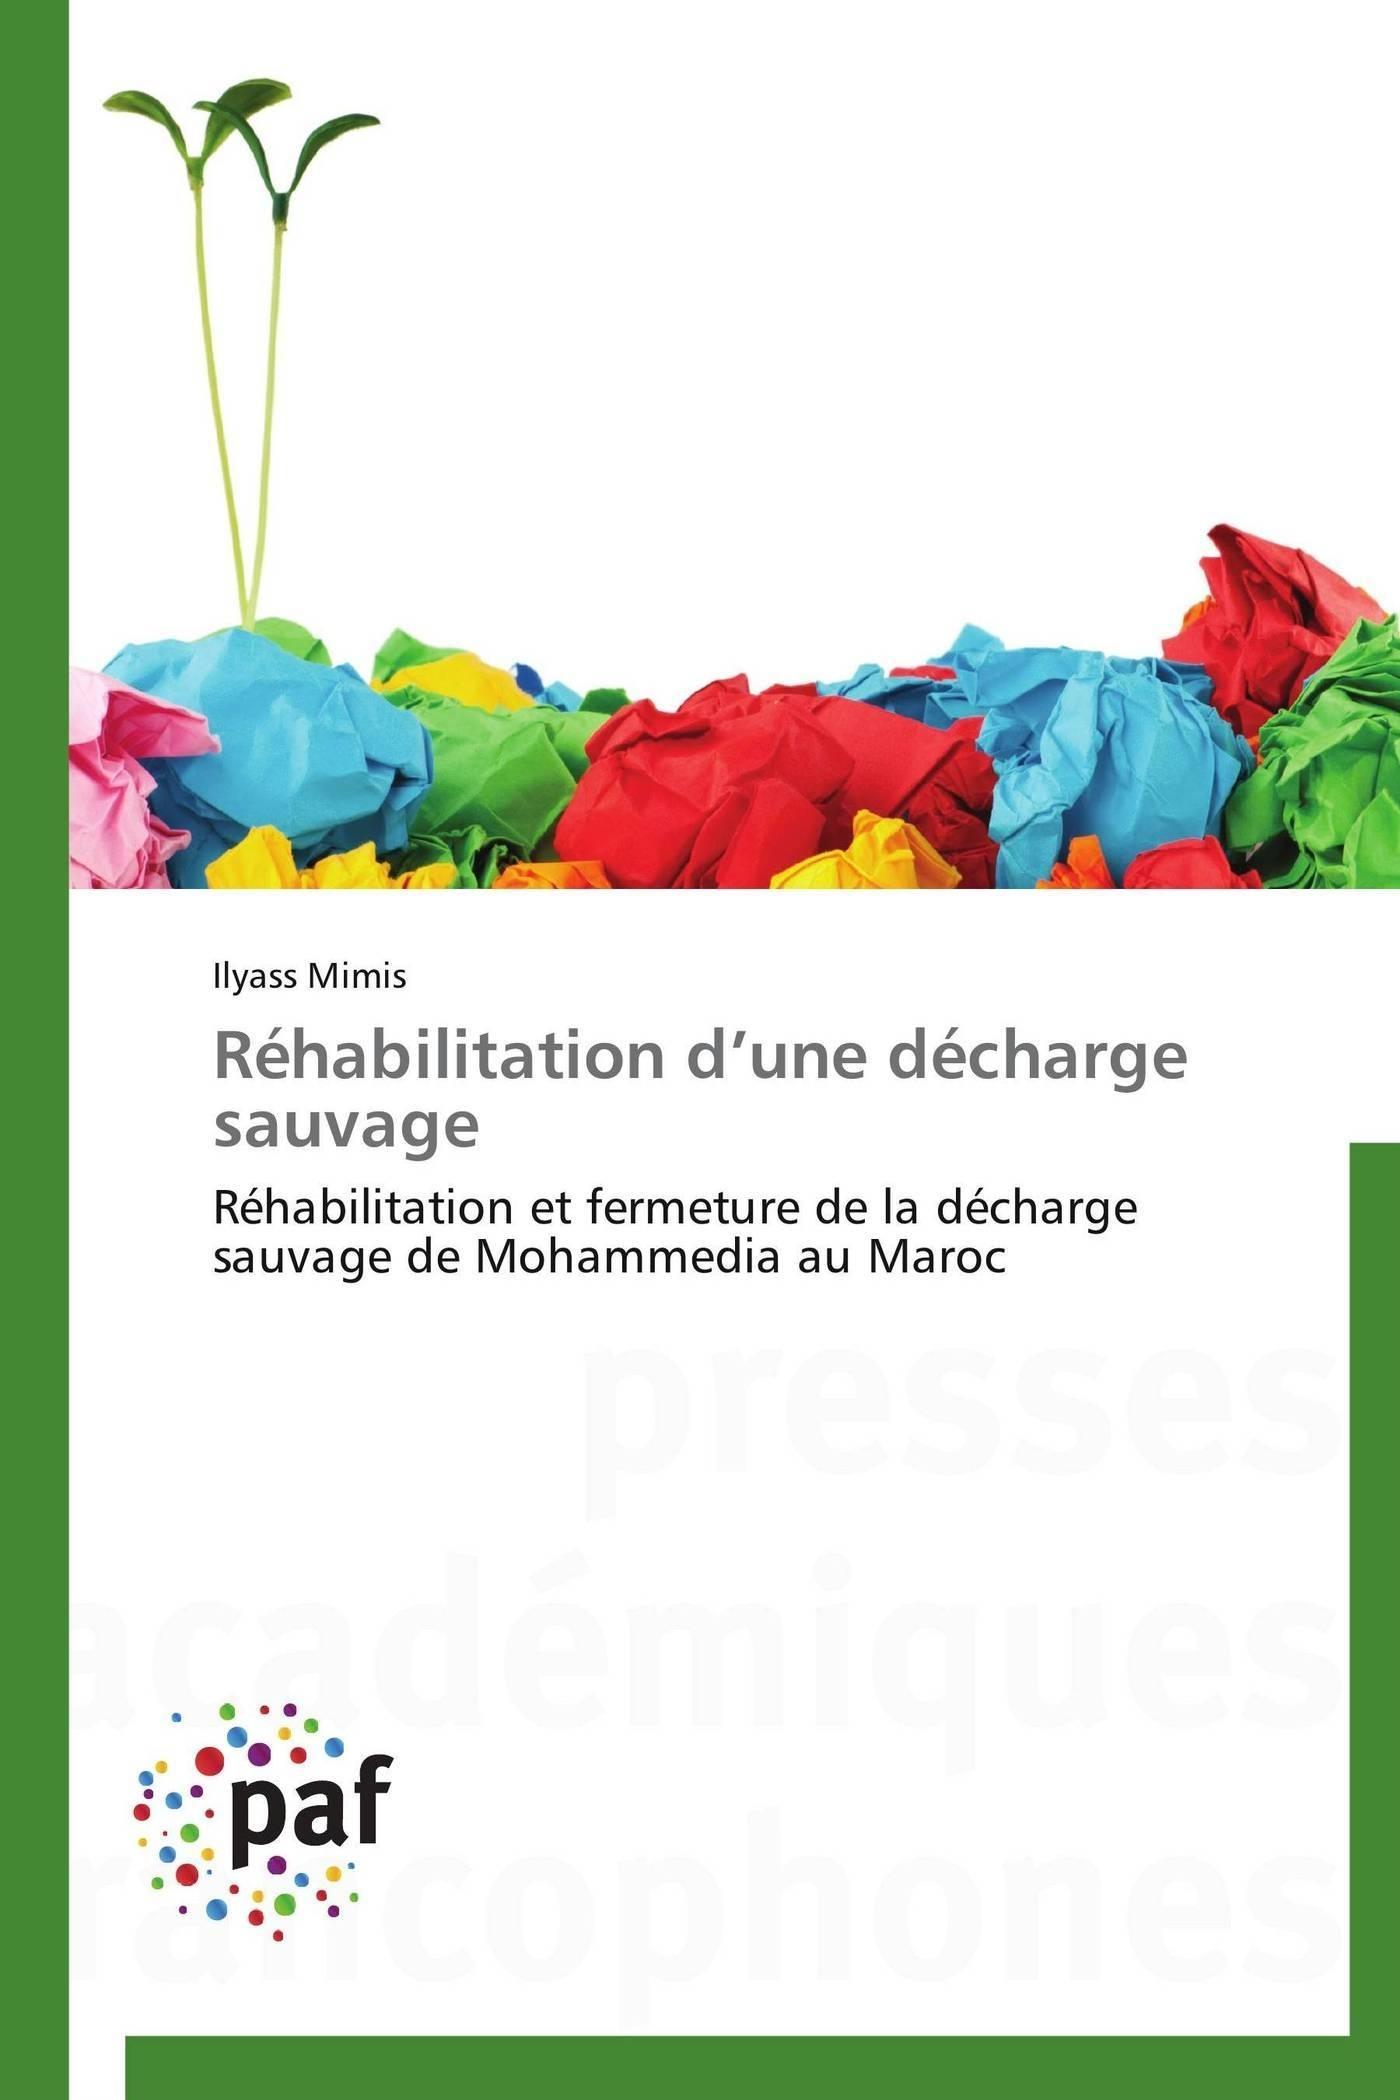 REHABILITATION D UNE DECHARGE SAUVAGE